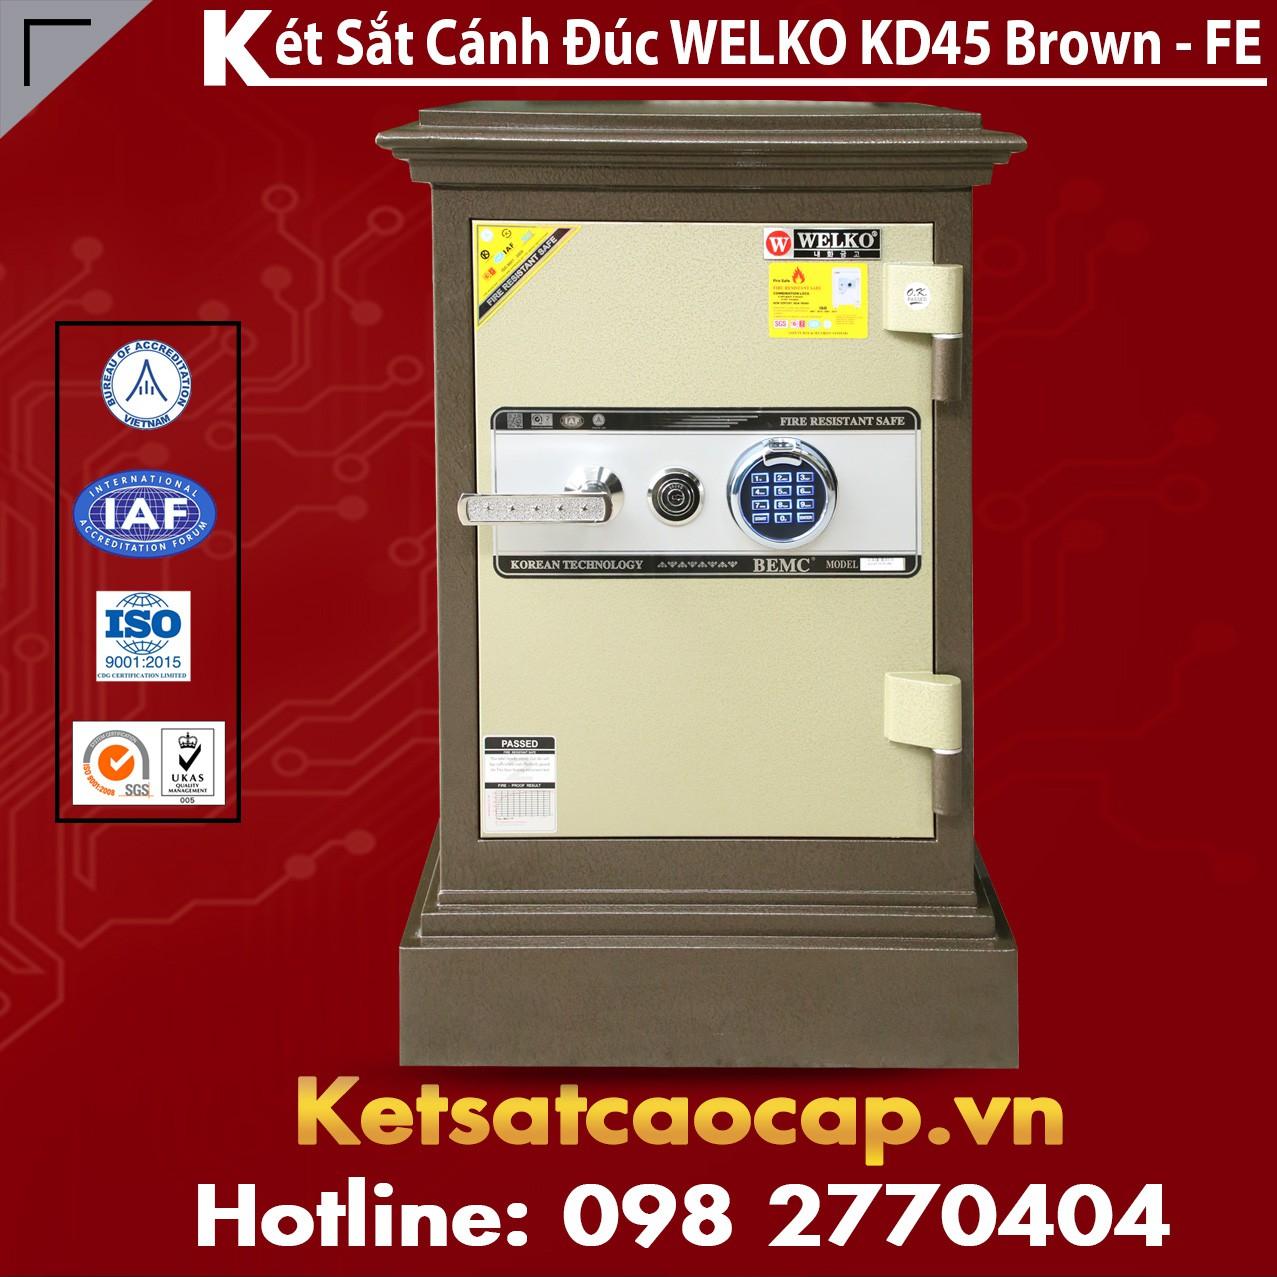 Két Sắt Gia Đình Hàn Quốc WELKO KD45 Brown - FE